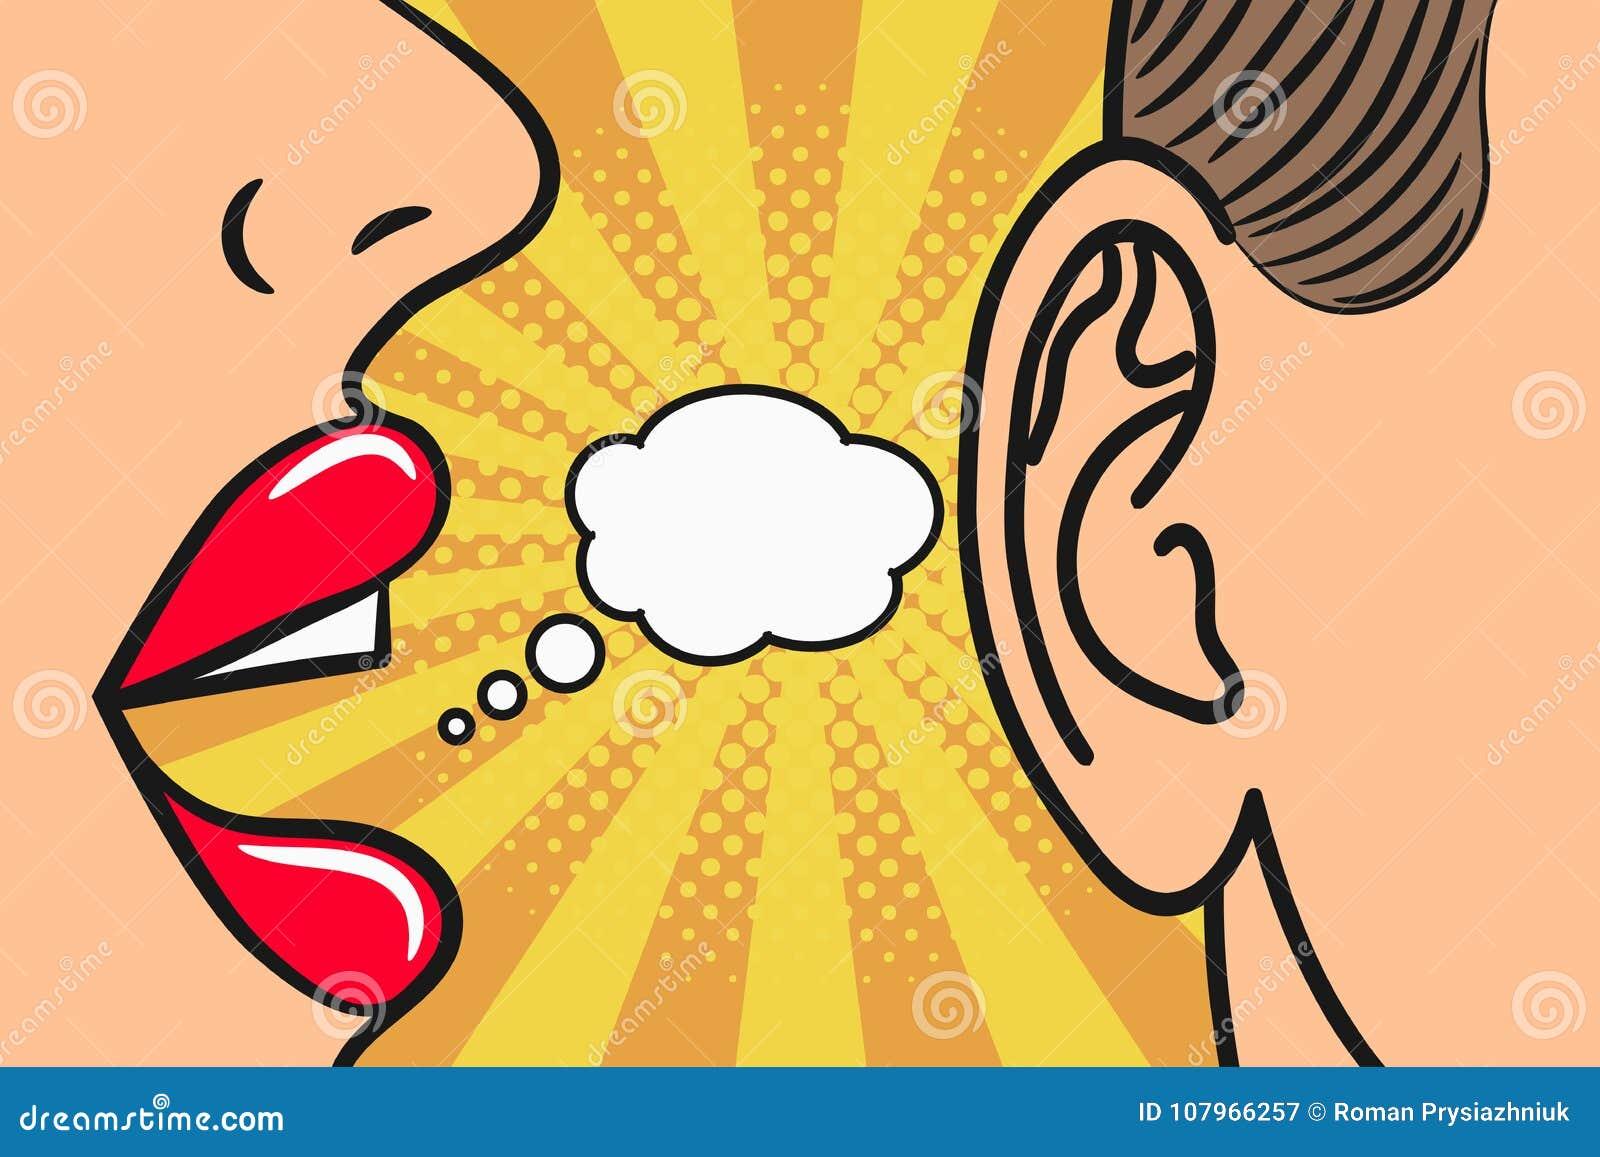 Kobiet wargi szepcze wewnątrz obsługują ucho z mowa bąblem Wystrzał sztuki styl, komiks ilustracja Plotki i sekretów pojęcie